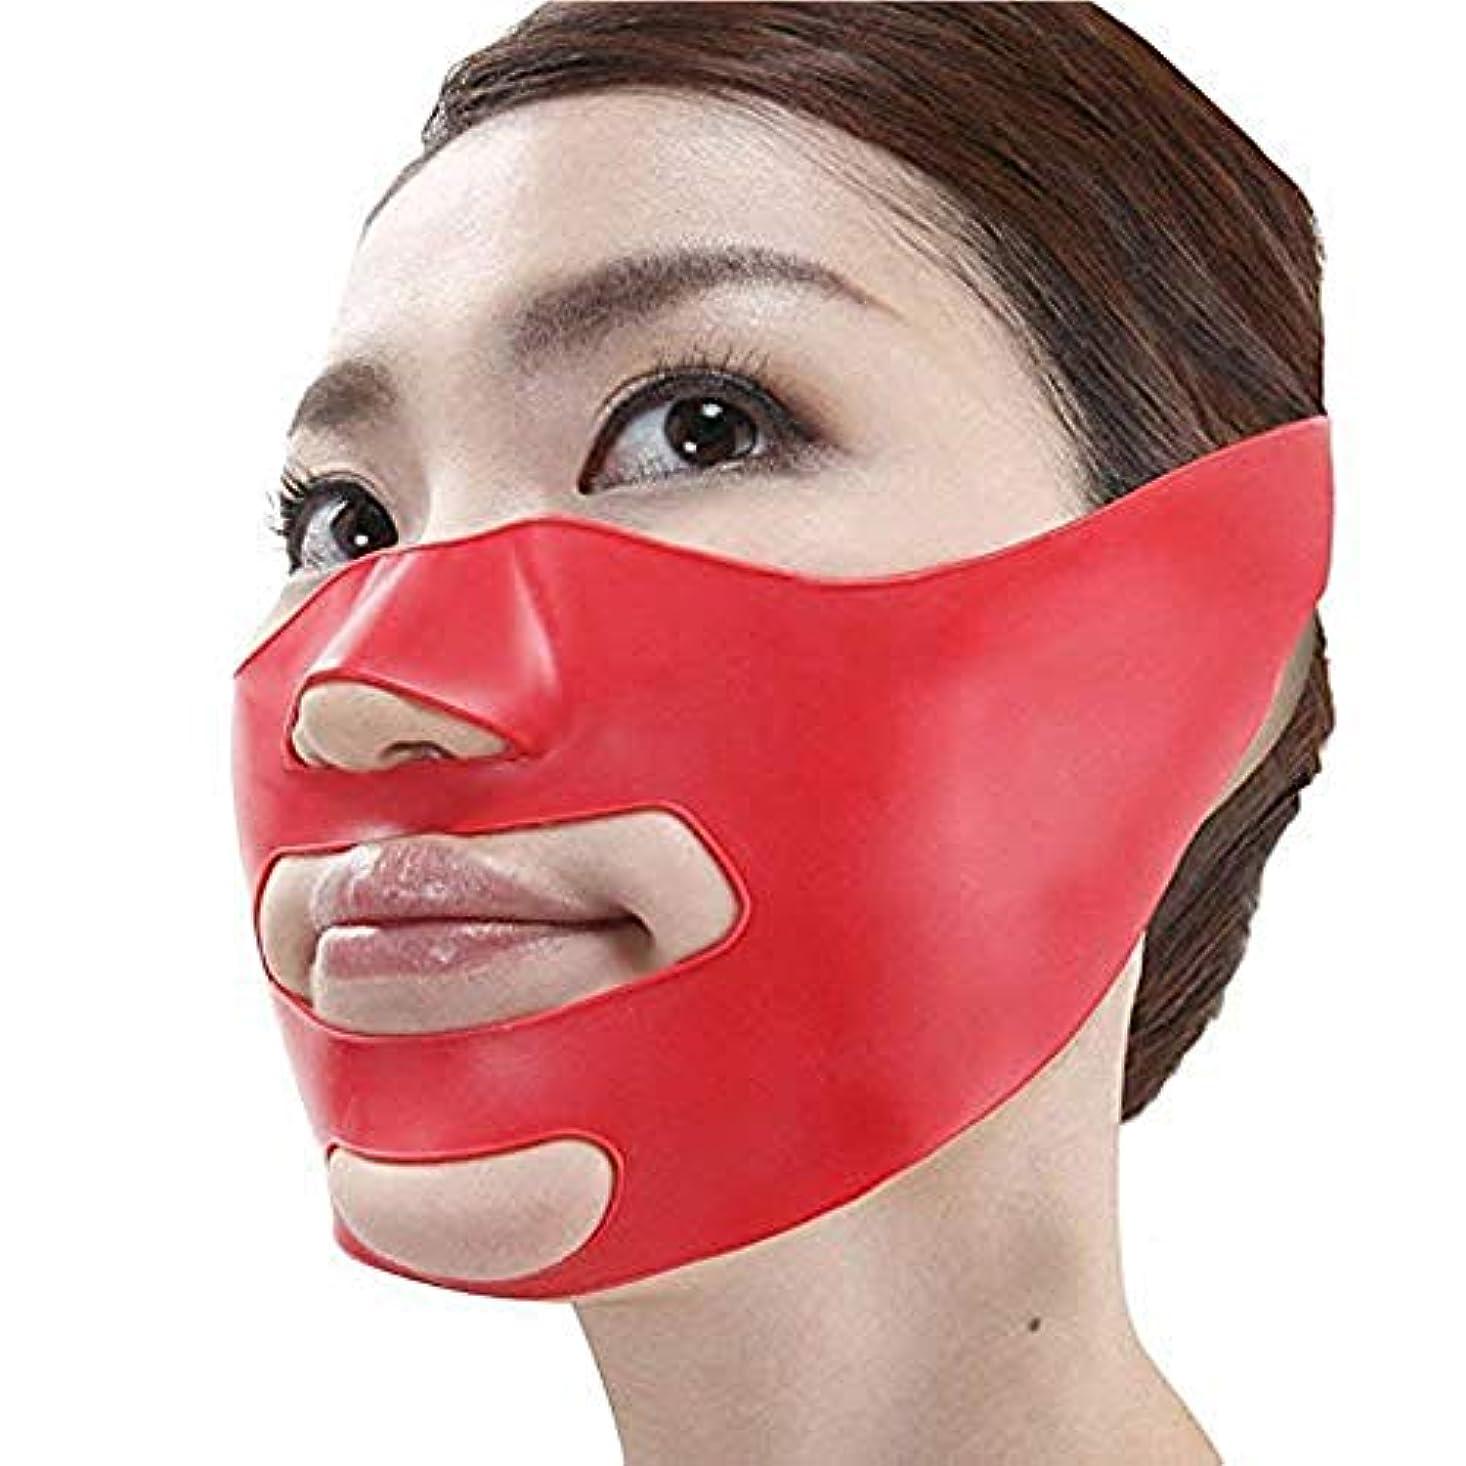 保育園コスチュームラインMilent 小顔矯正 マスク 小顔補正ベルト ほうれい線 リフトスリムマスク 3Dエクササイズマスク 法令線予防 抗シワ サウナマスク 美顔 フリーサイズ